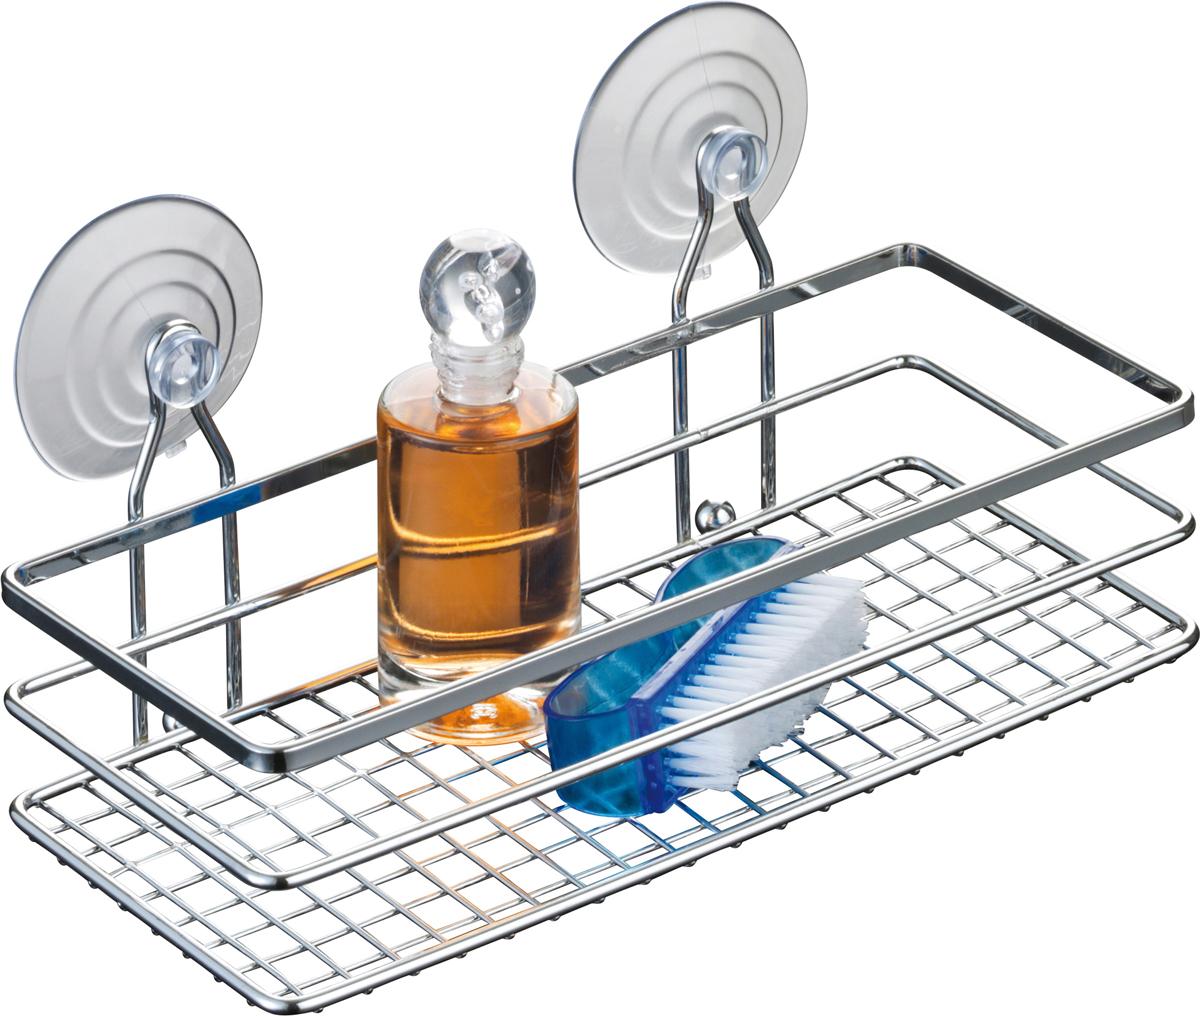 """Одноярусная настенная полка для ванной Axentia """"Cassandra"""" изготовлена из высококачественной хромированной стали, устойчивой к коррозии в условиях высокой влажности в ванной комнате. Изделие крепится к стене на шурупах или присосках (входят в комплект). Классический дизайн и оптимальная вместимость подойдет для любого интерьера ванной комнаты."""